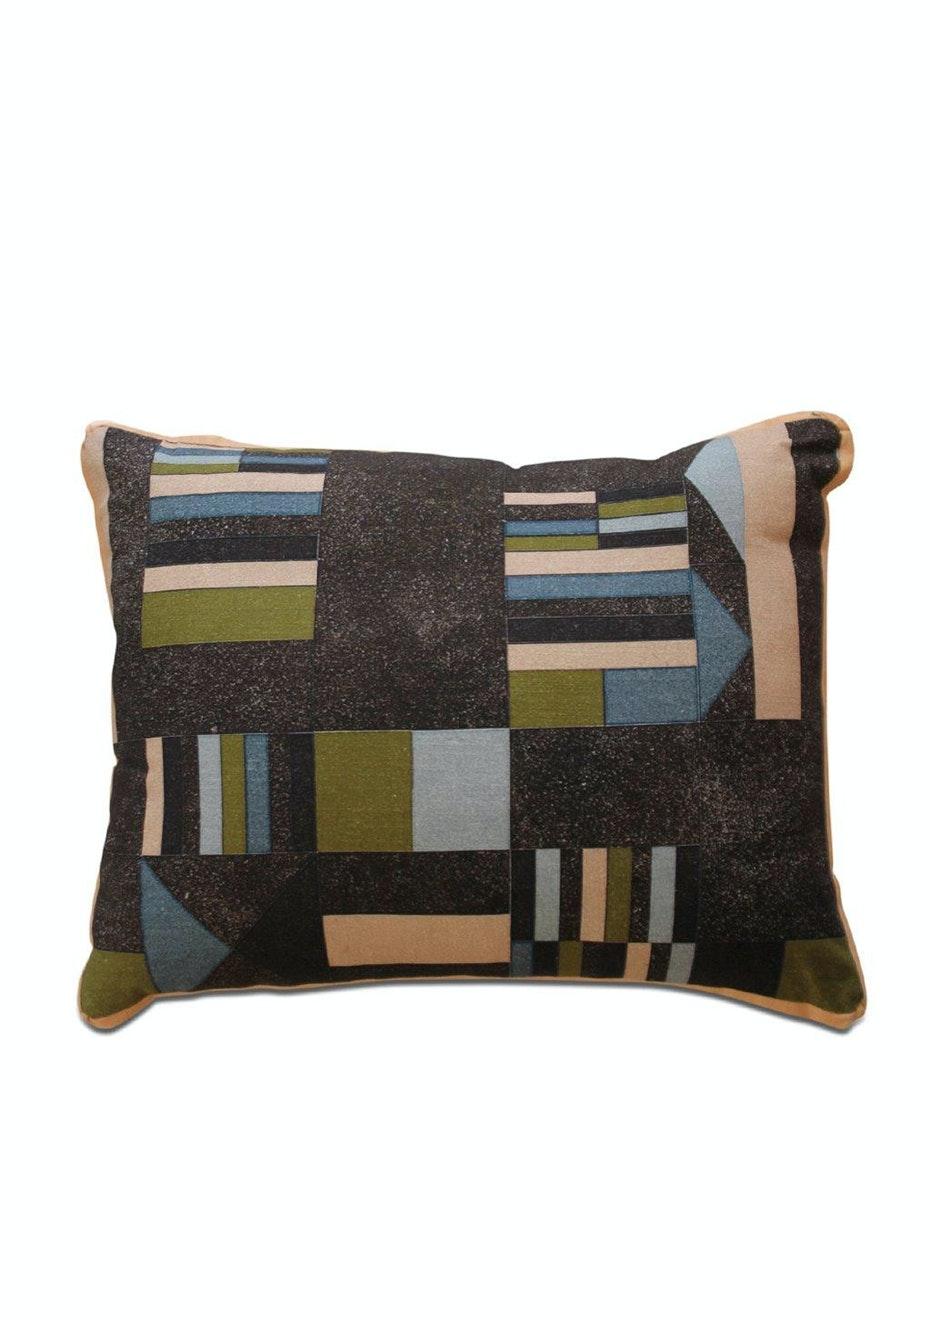 Me & My Trend - Olive Concrete Park Cushion